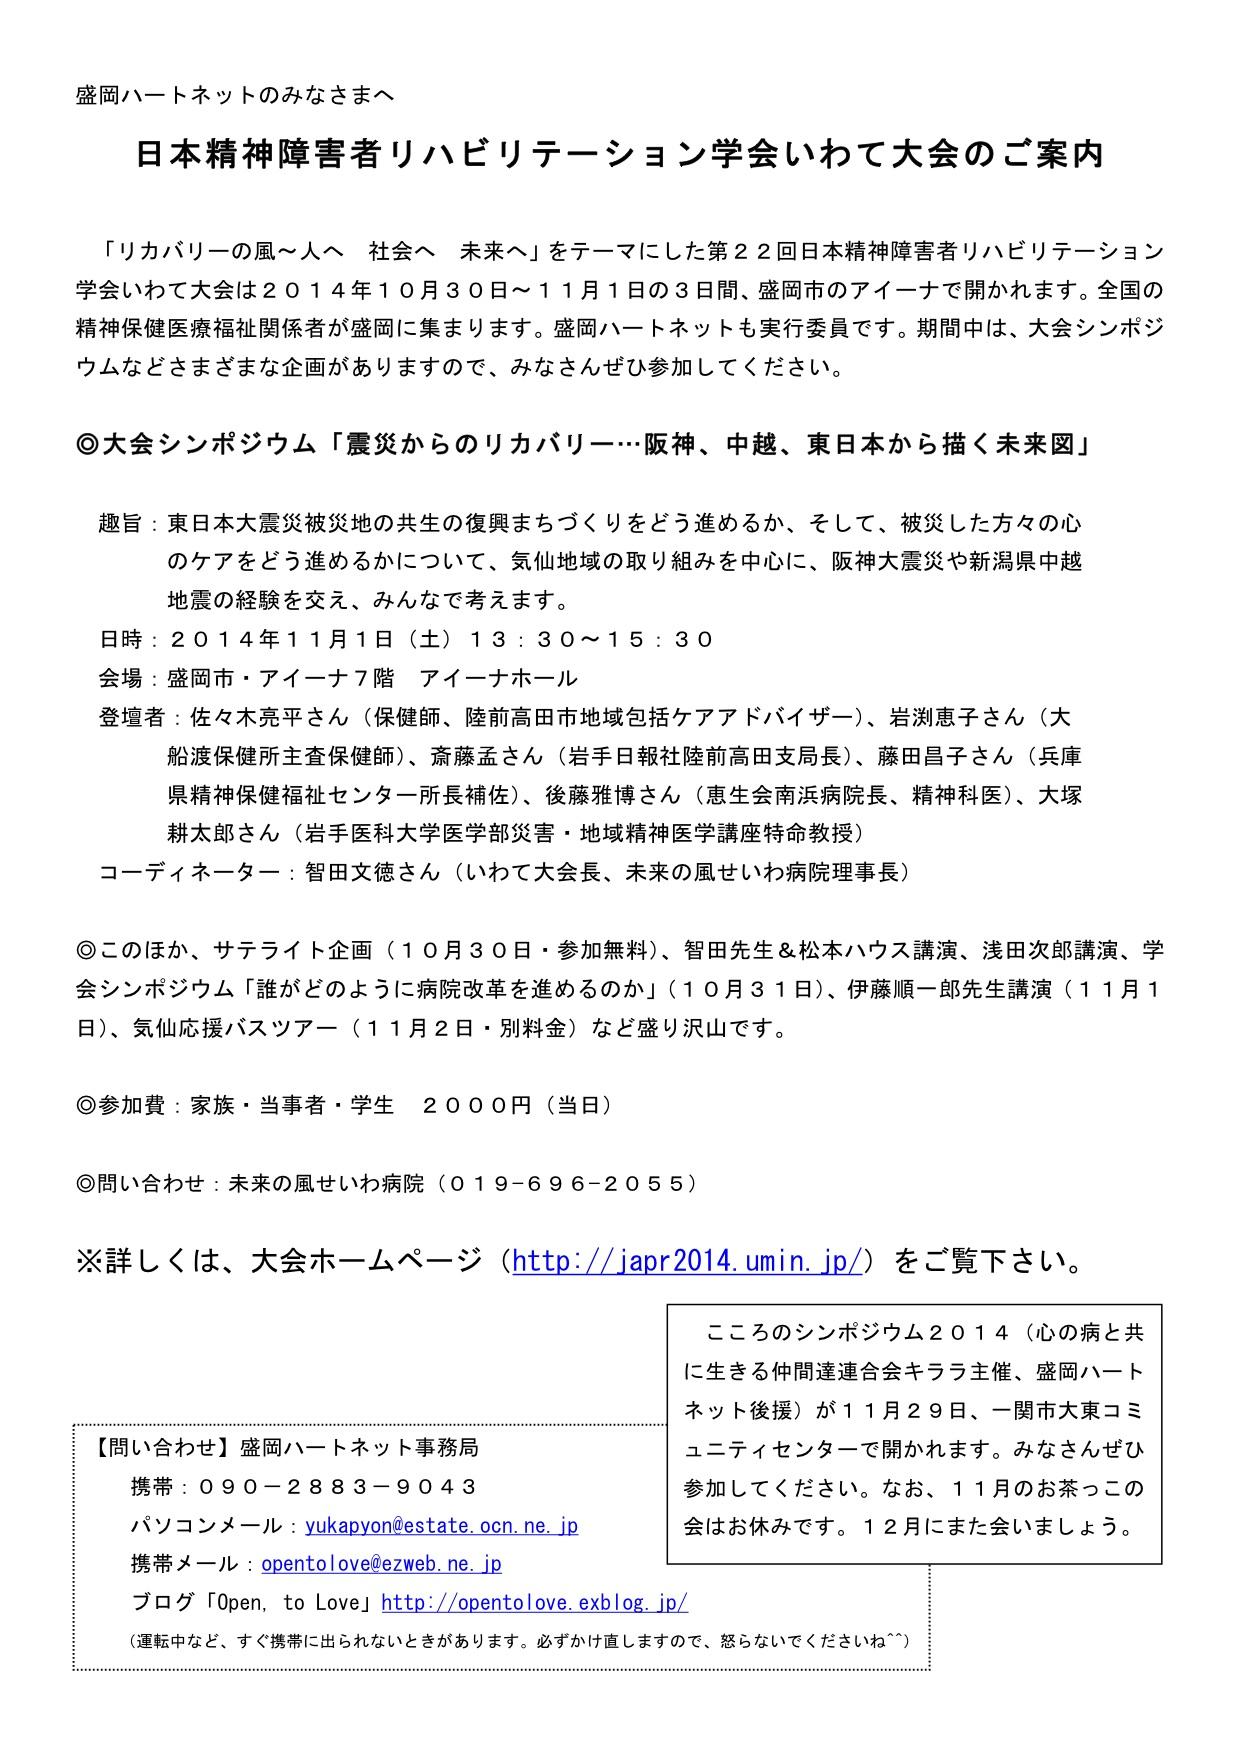 日本精神障害者リハビリテーション学会いわて大会のご案内_a0103650_22514764.jpg